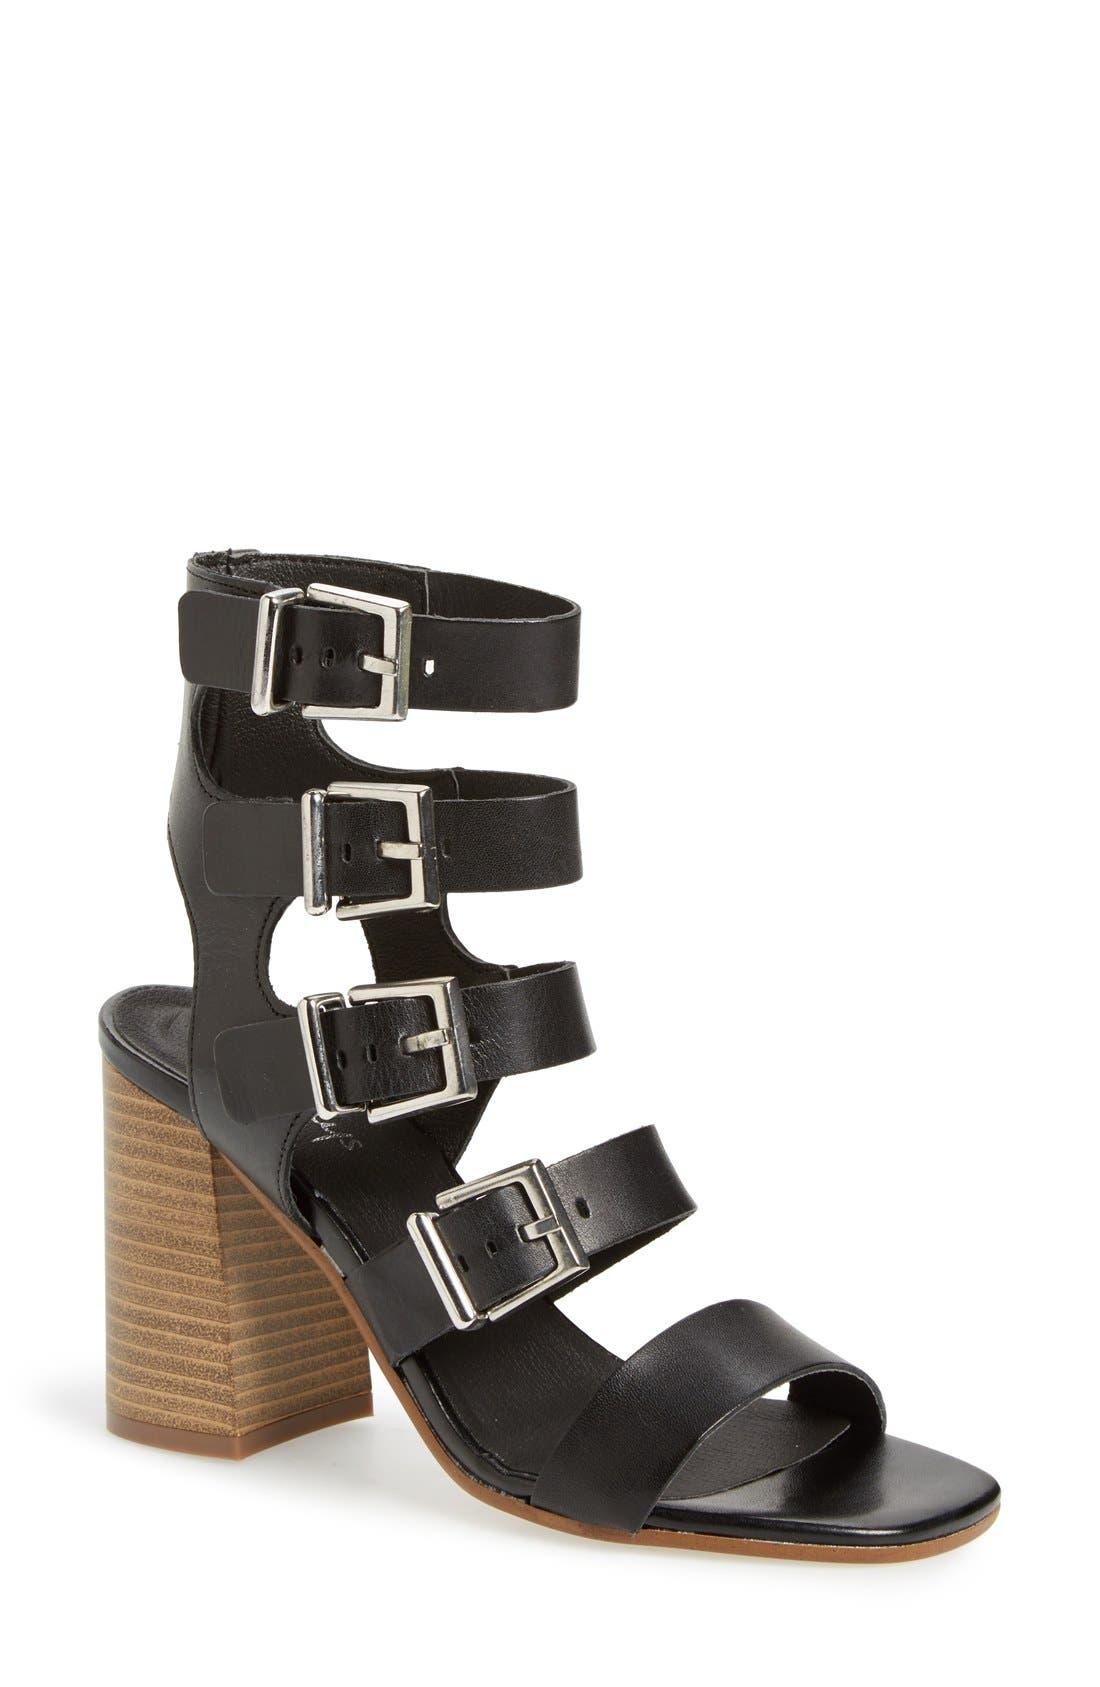 Main Image - Shellys London 'Joey' Block Heel Sandal (Women)